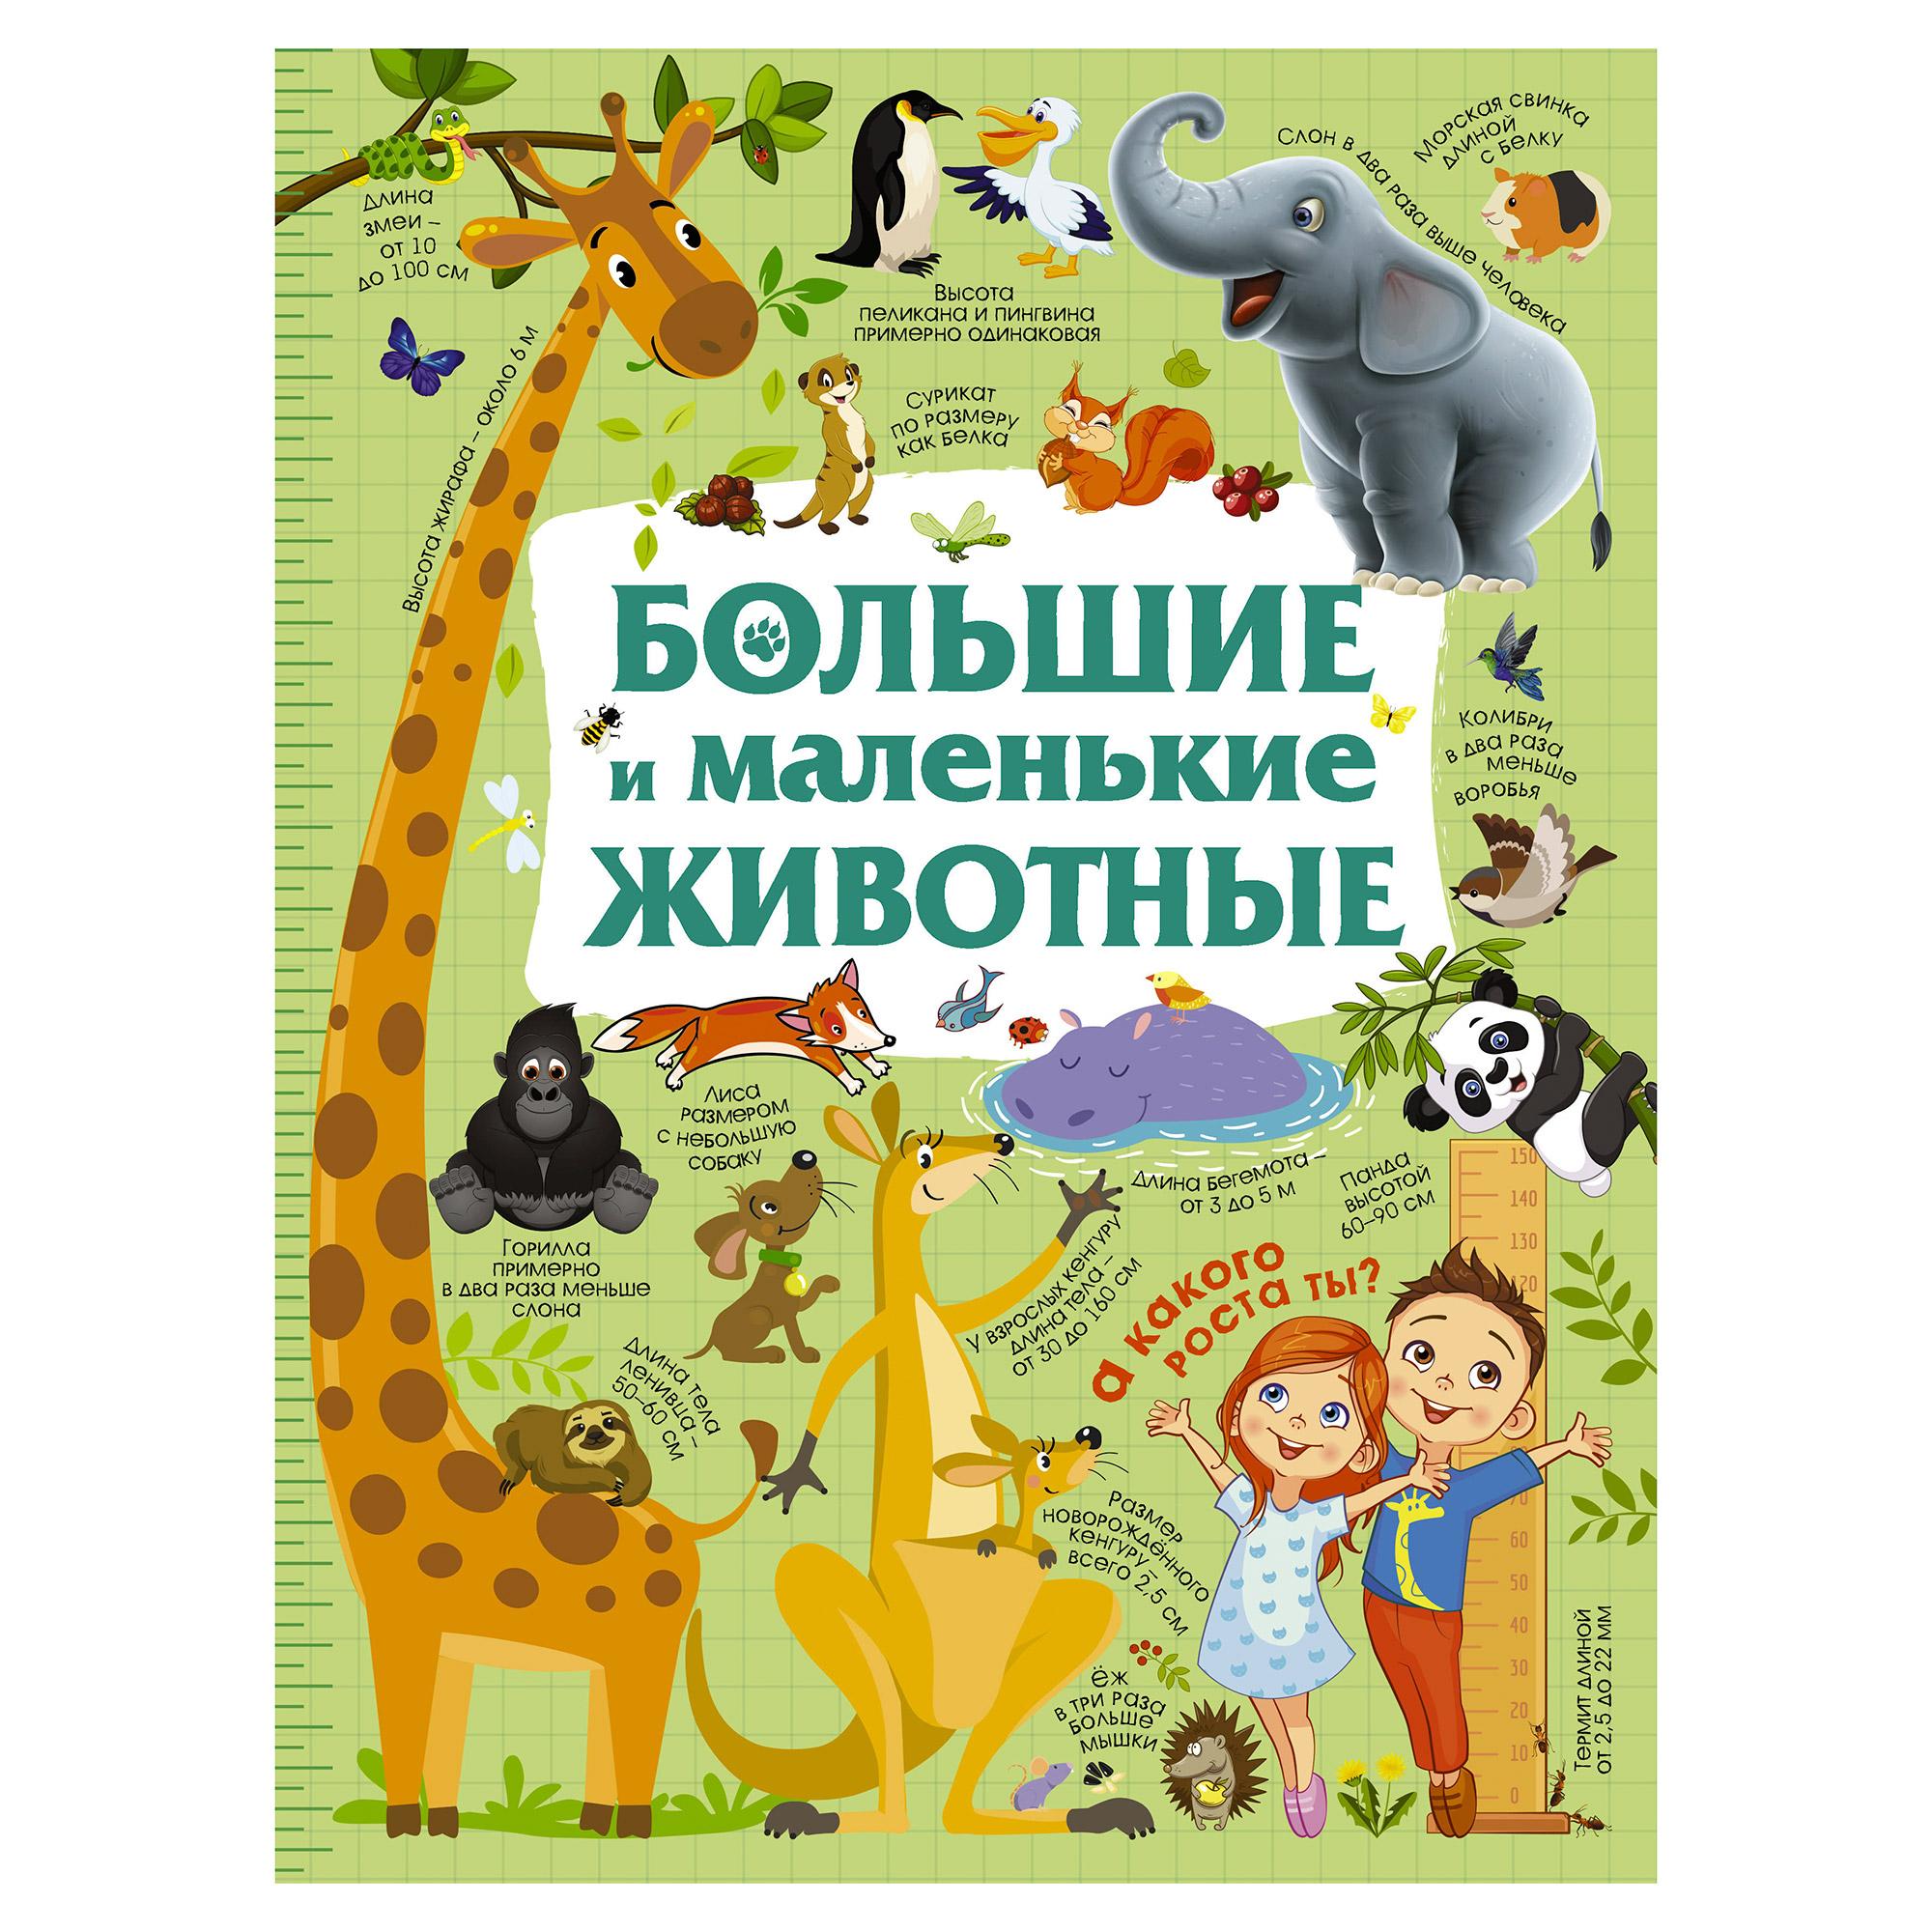 Фото - Книга АСТ Большие и маленькие животные аст большая раскраска животные